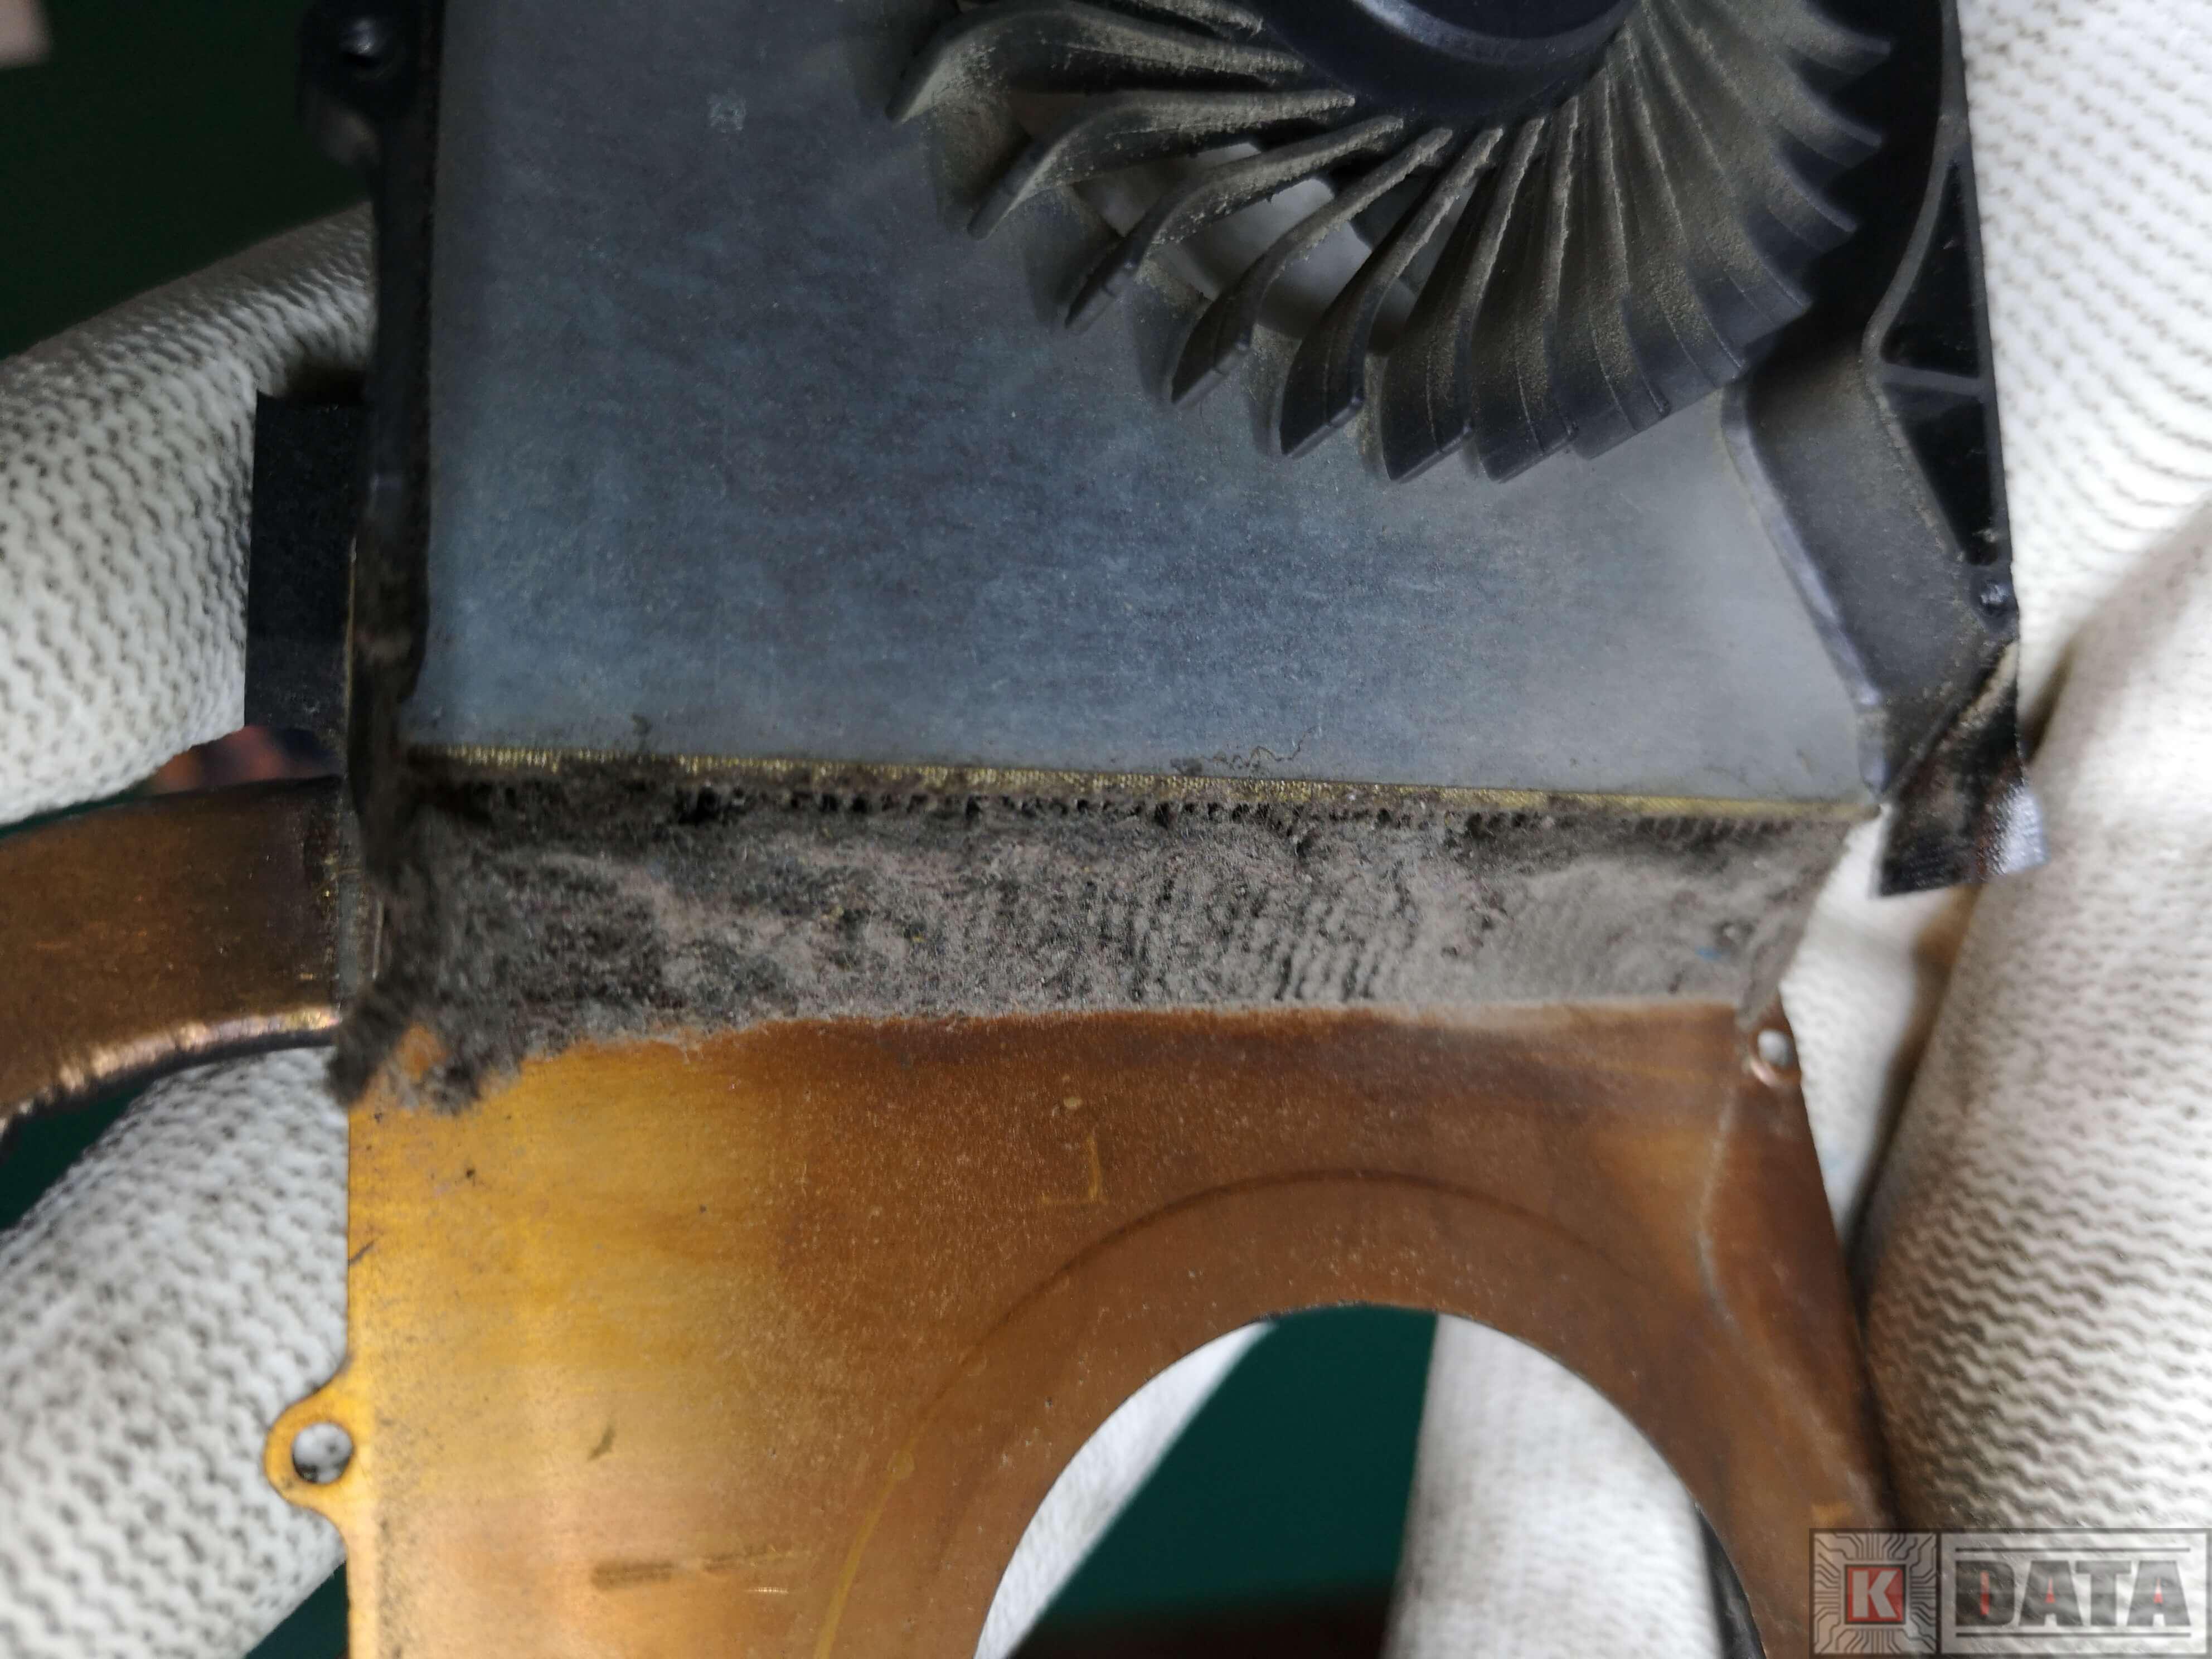 Lenovo IdeaPad Z570 brudny radiator